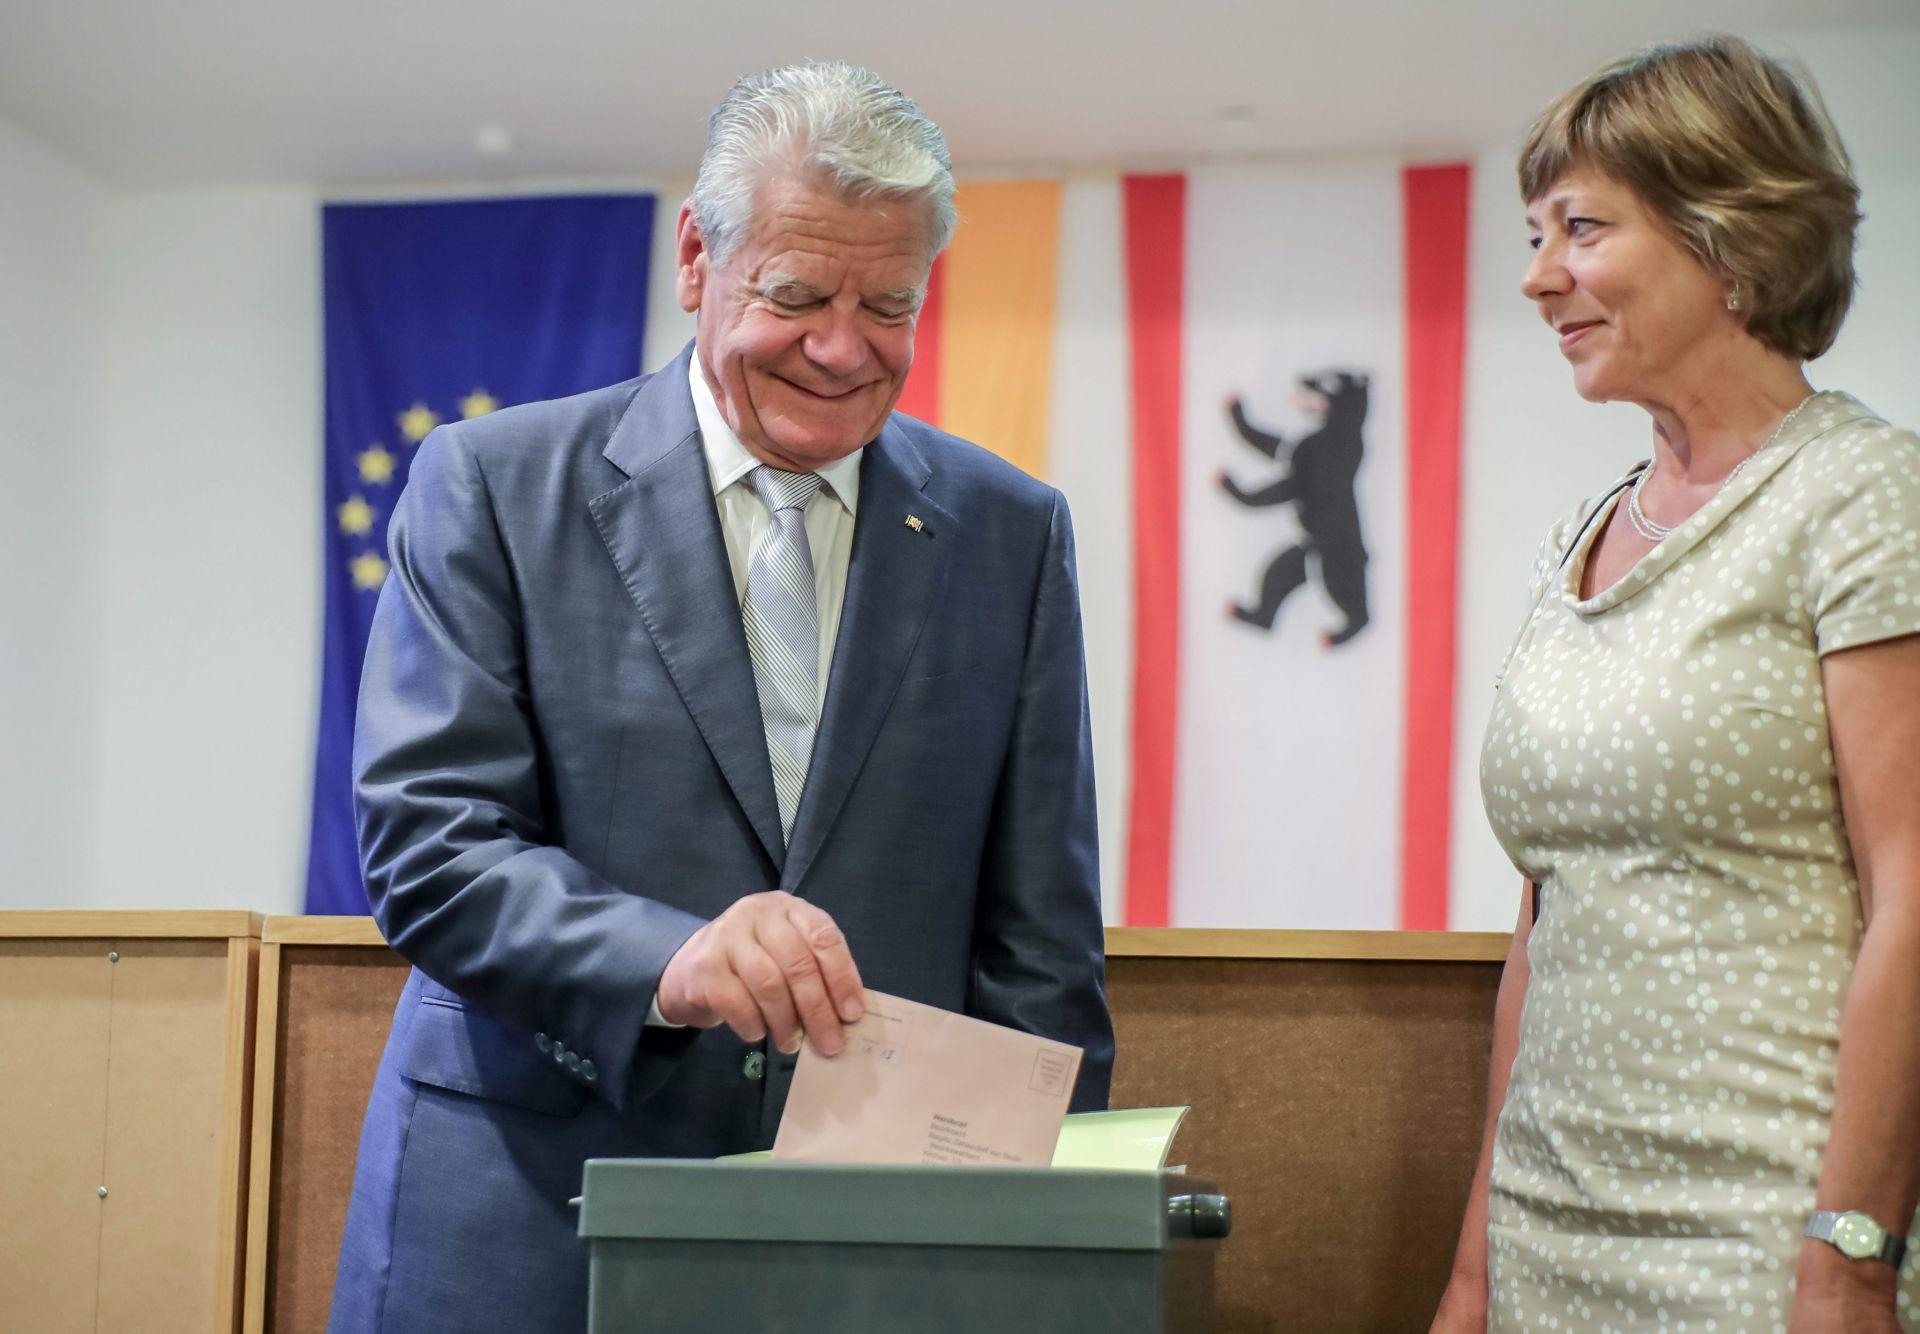 PREDVIĐAJU SE GUBICI SPD-a: Otvorena birališta u Berlinu